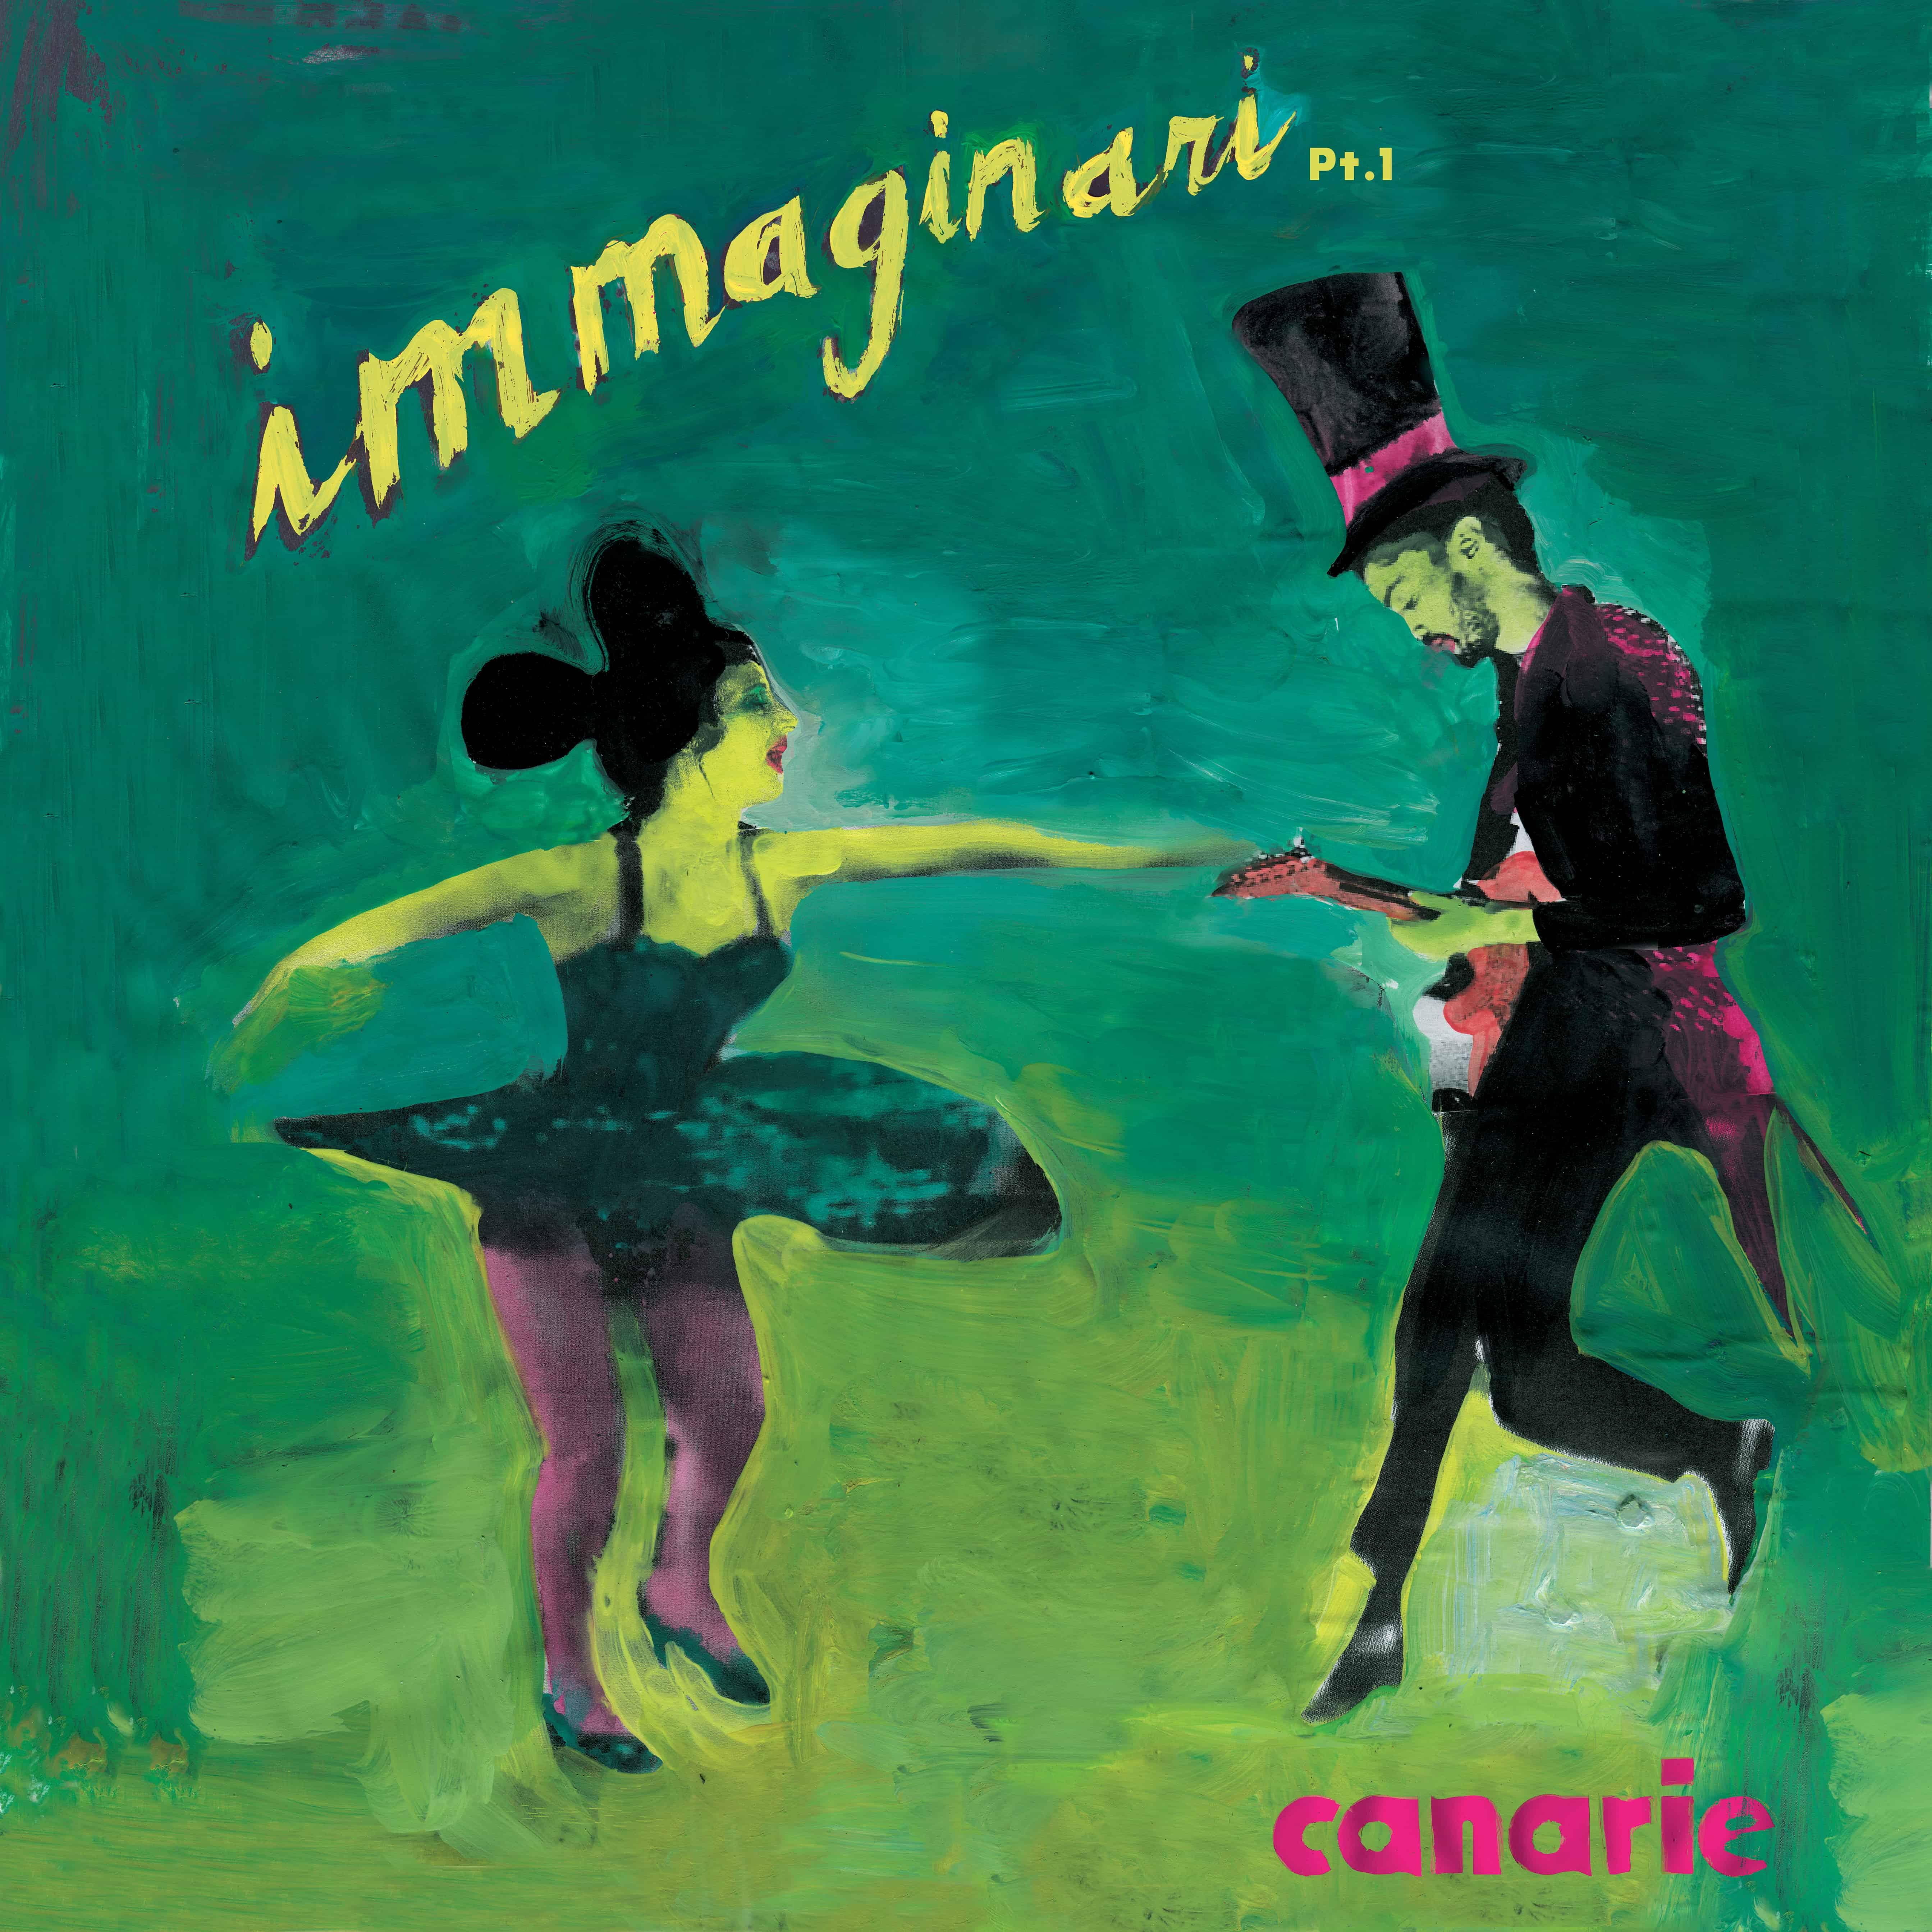 The cover of Immaginari, pt. 1 - graphics by Gianluigi Toccafondo